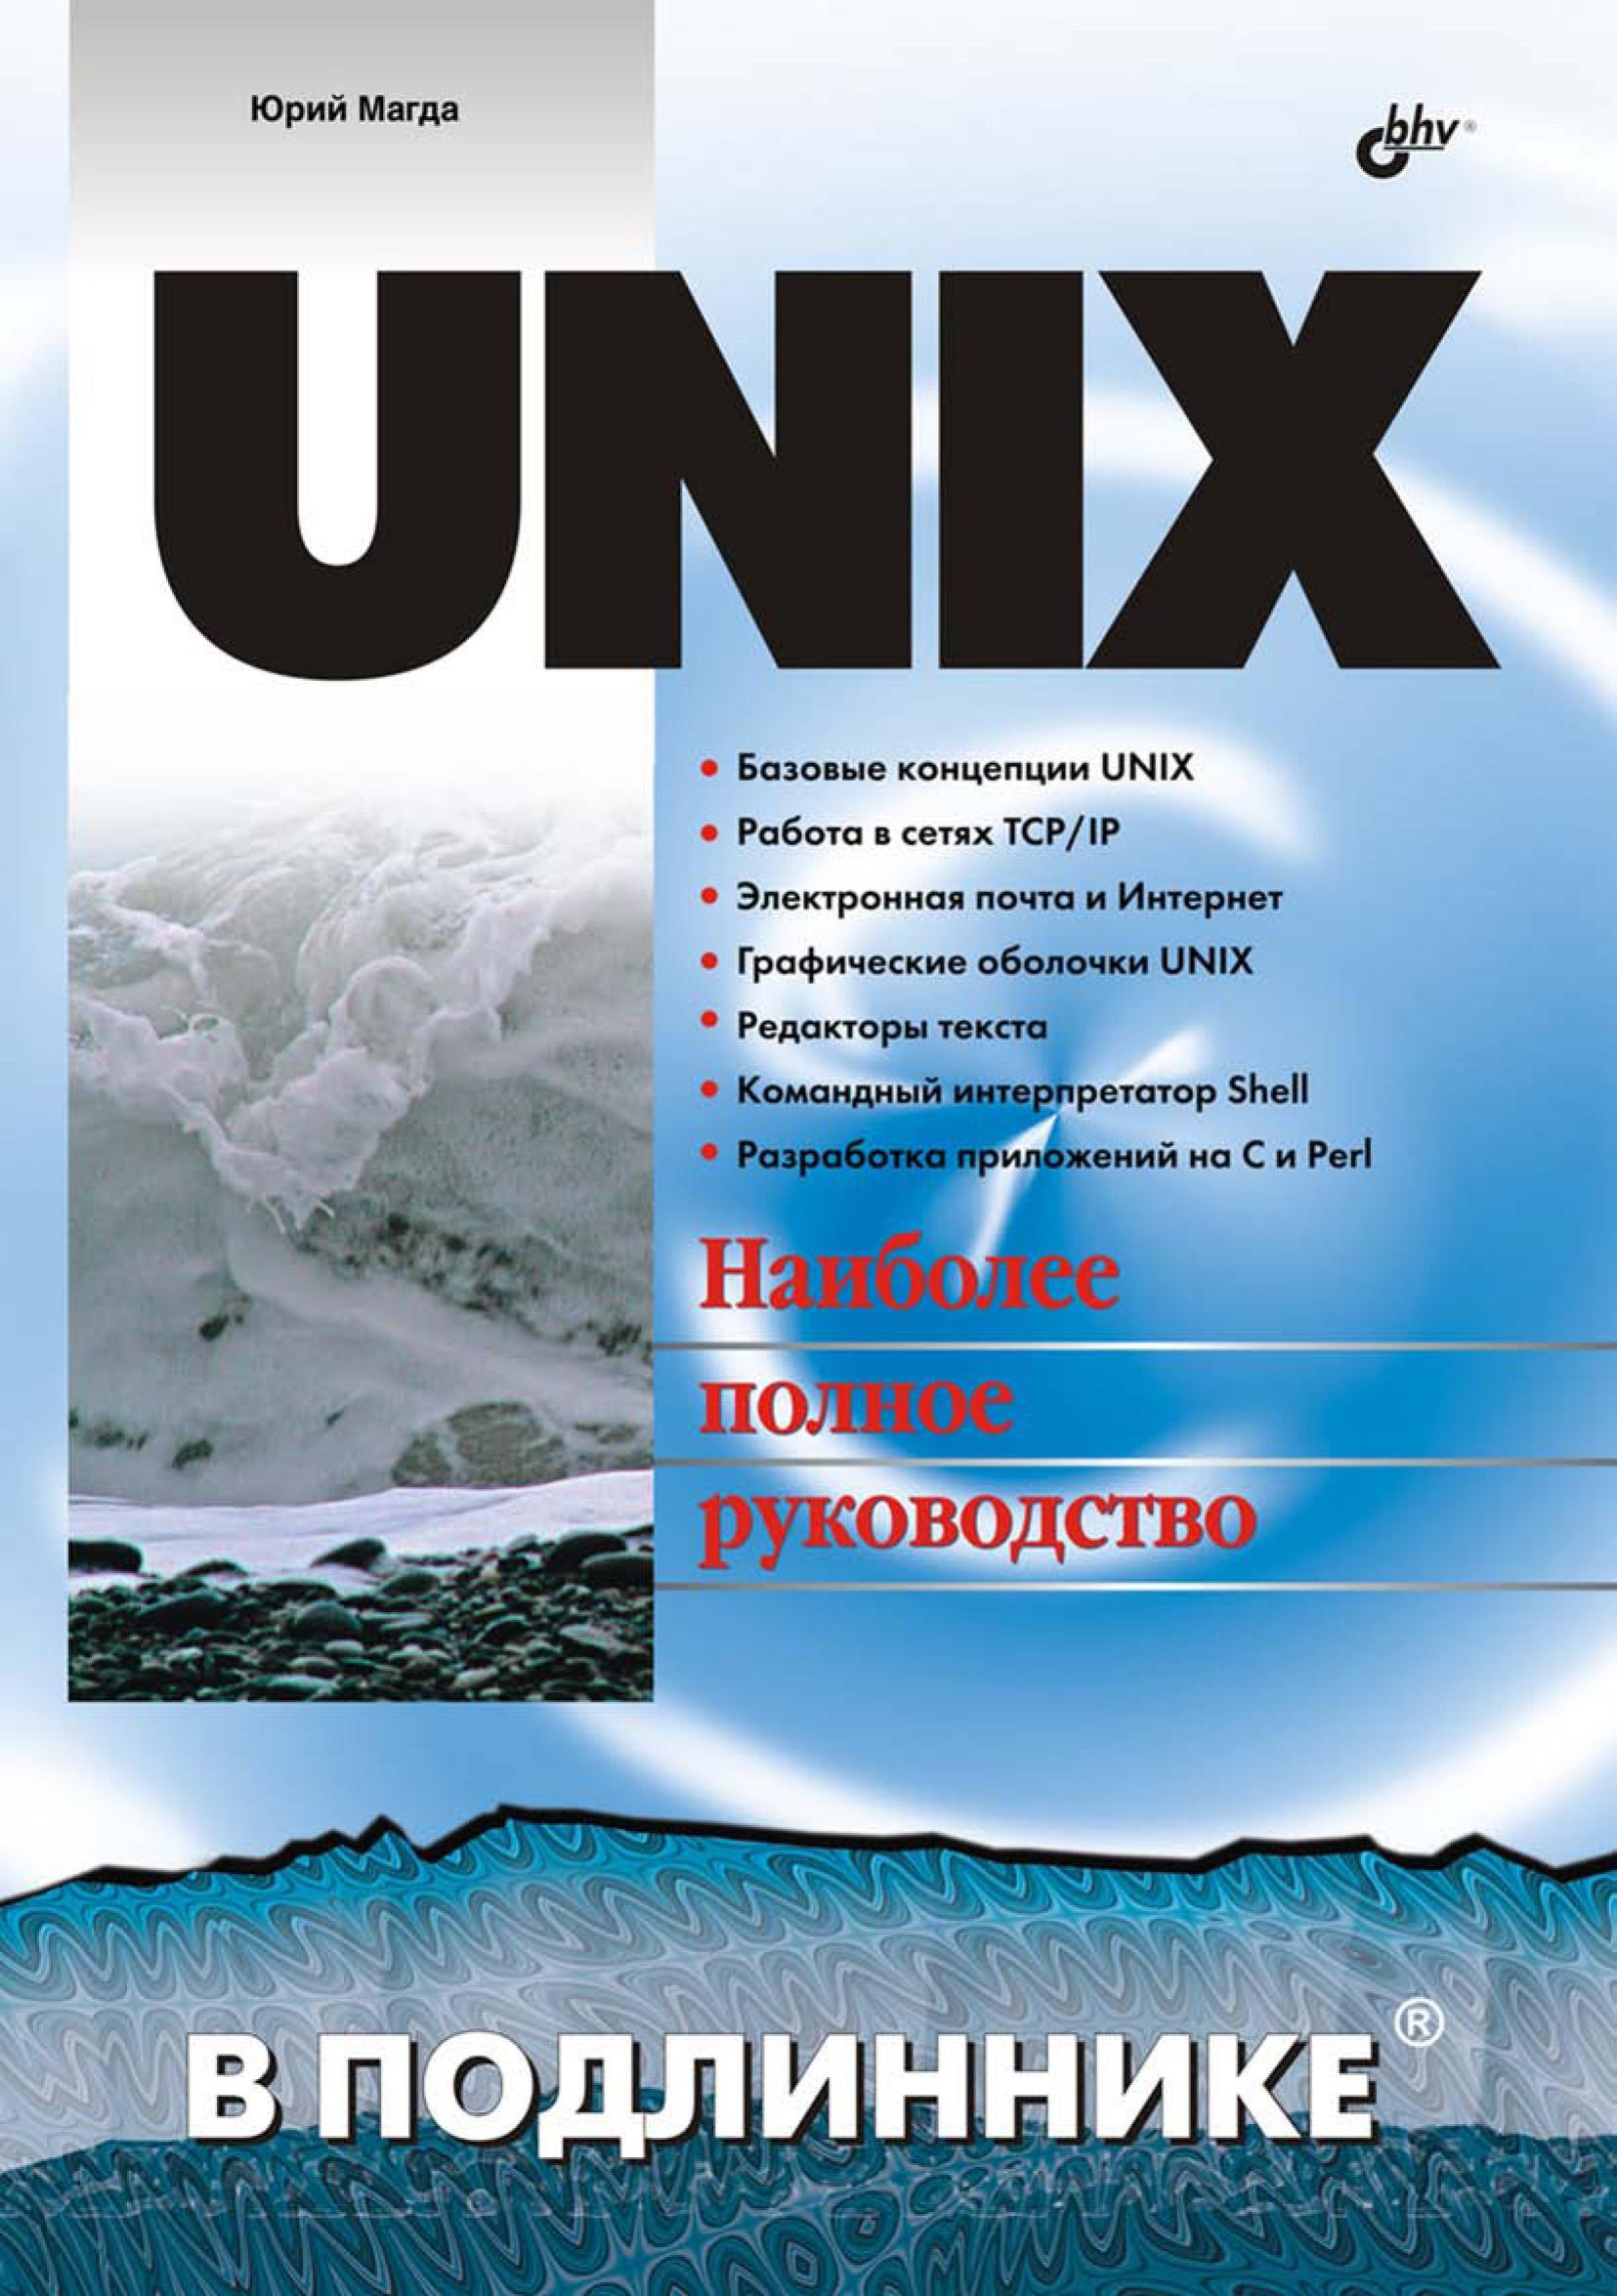 Юрий Магда UNIX арнольд роббинс unix справочник page 2